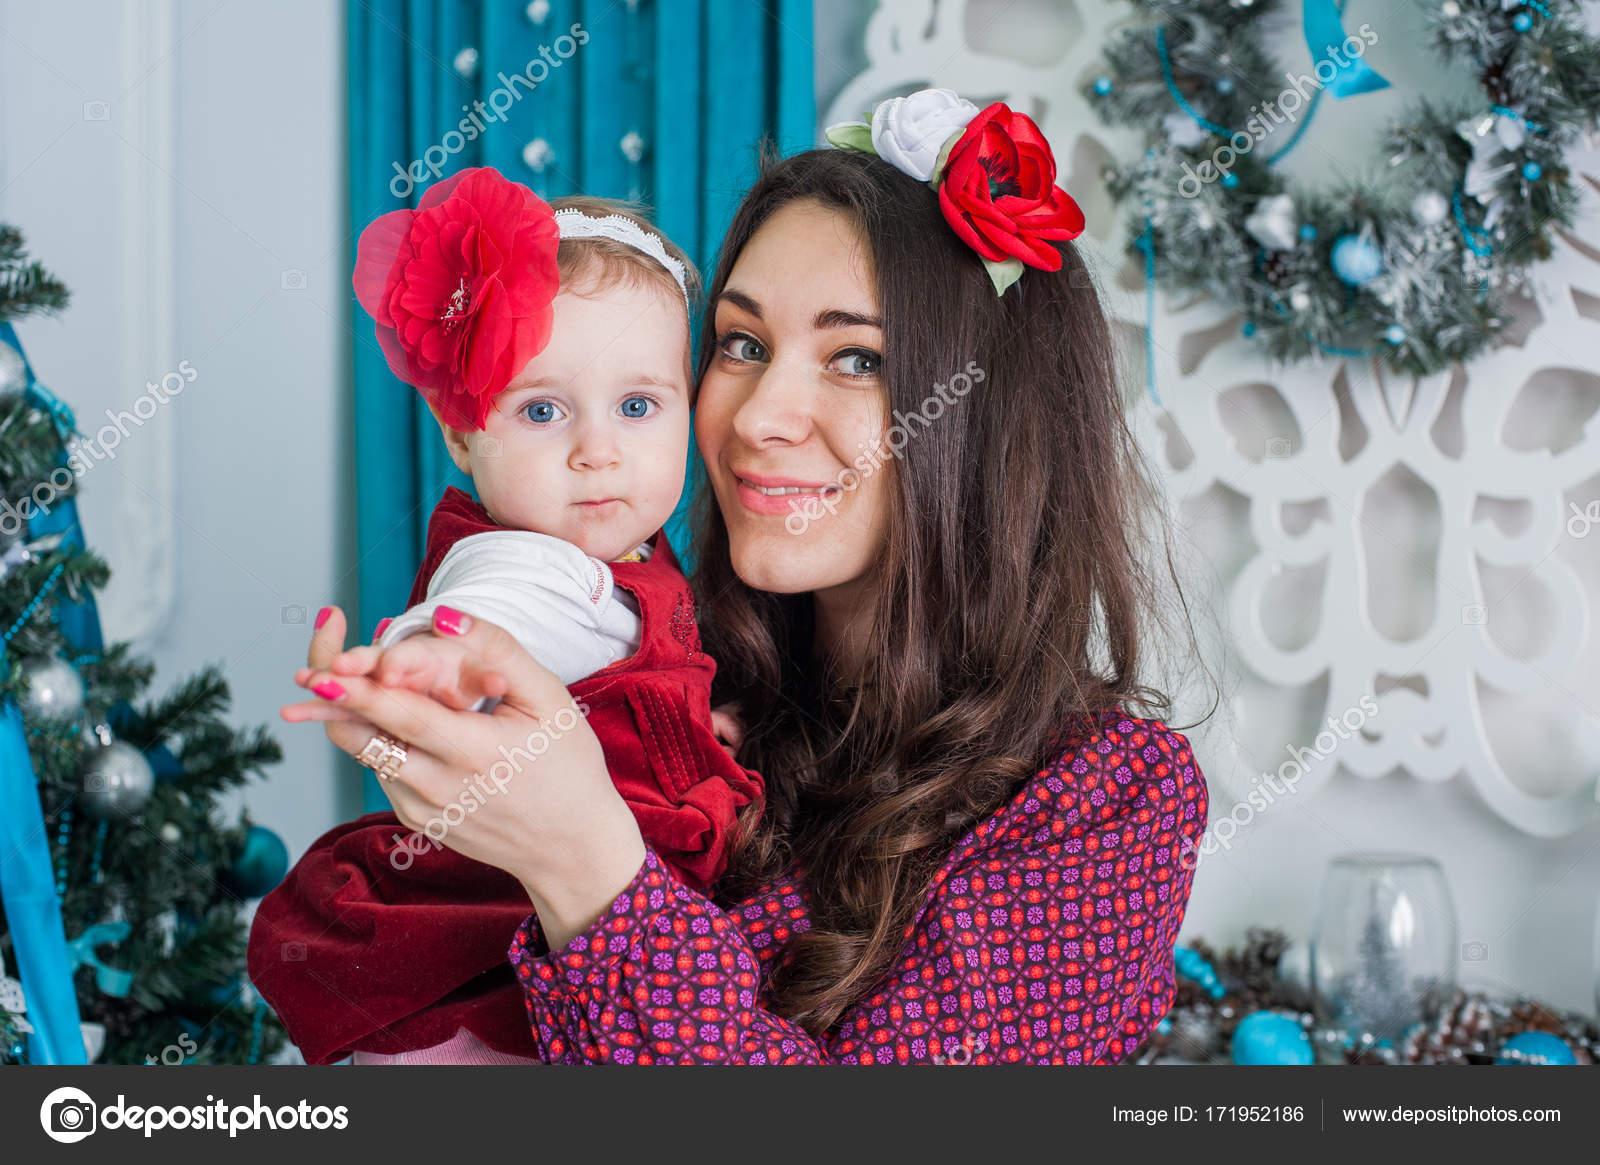 Geschenke Für Eltern Zu Weihnachten.Frohe Weihnachten Und Frohe Festtage Frohe Mutter Und Tochter Sind